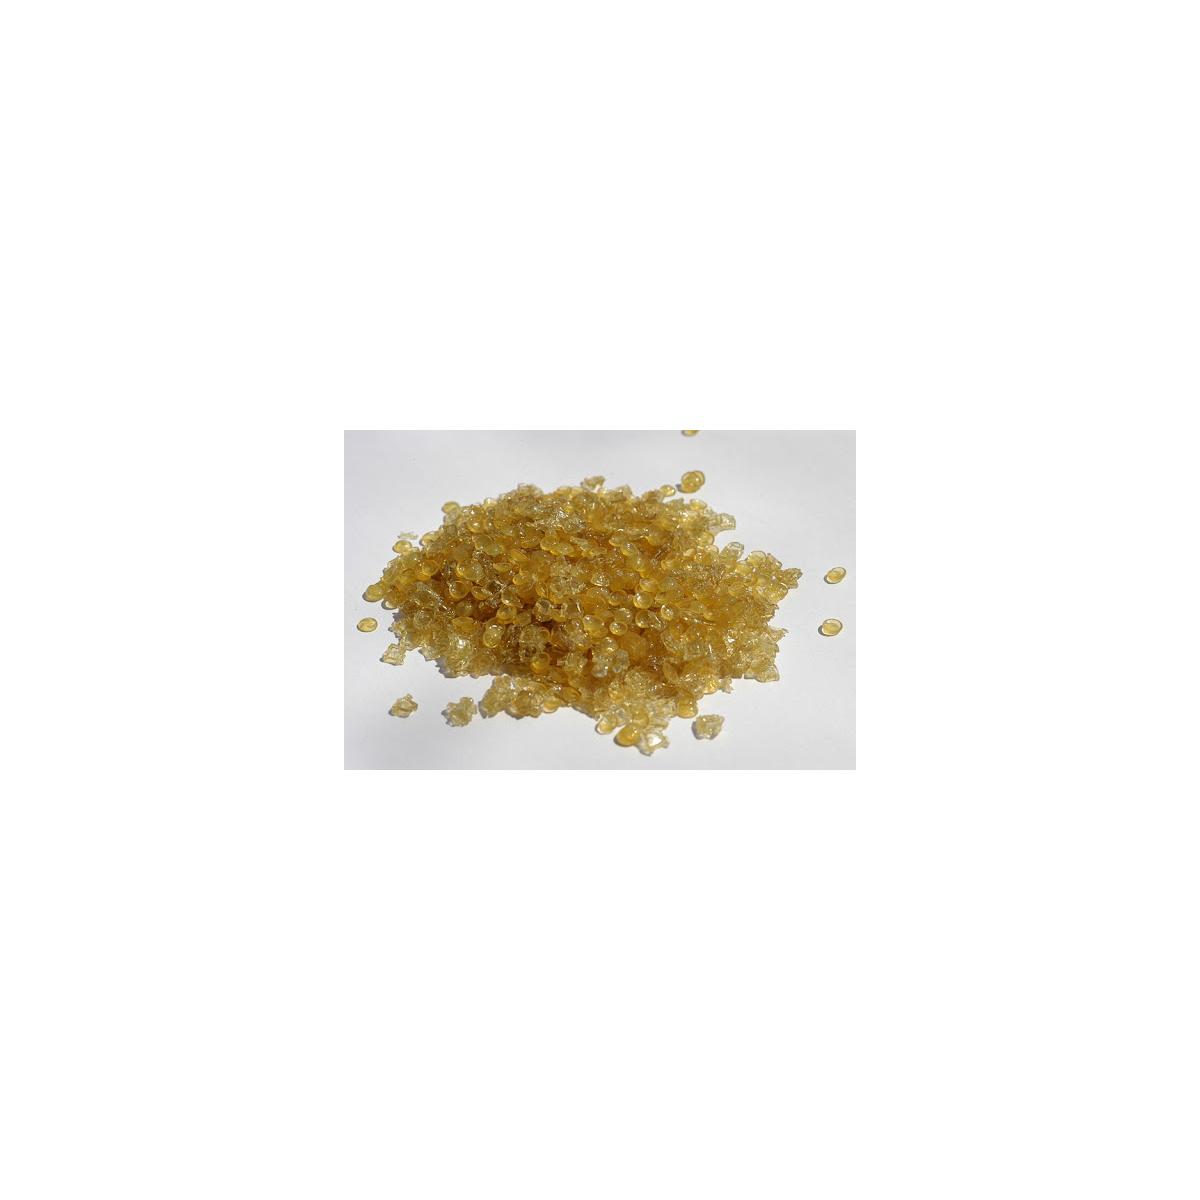 Cola de conejo en forma granulada de color dorado.  Se estrae del colageno de la piel y huesos de conejo, utilizada desde h